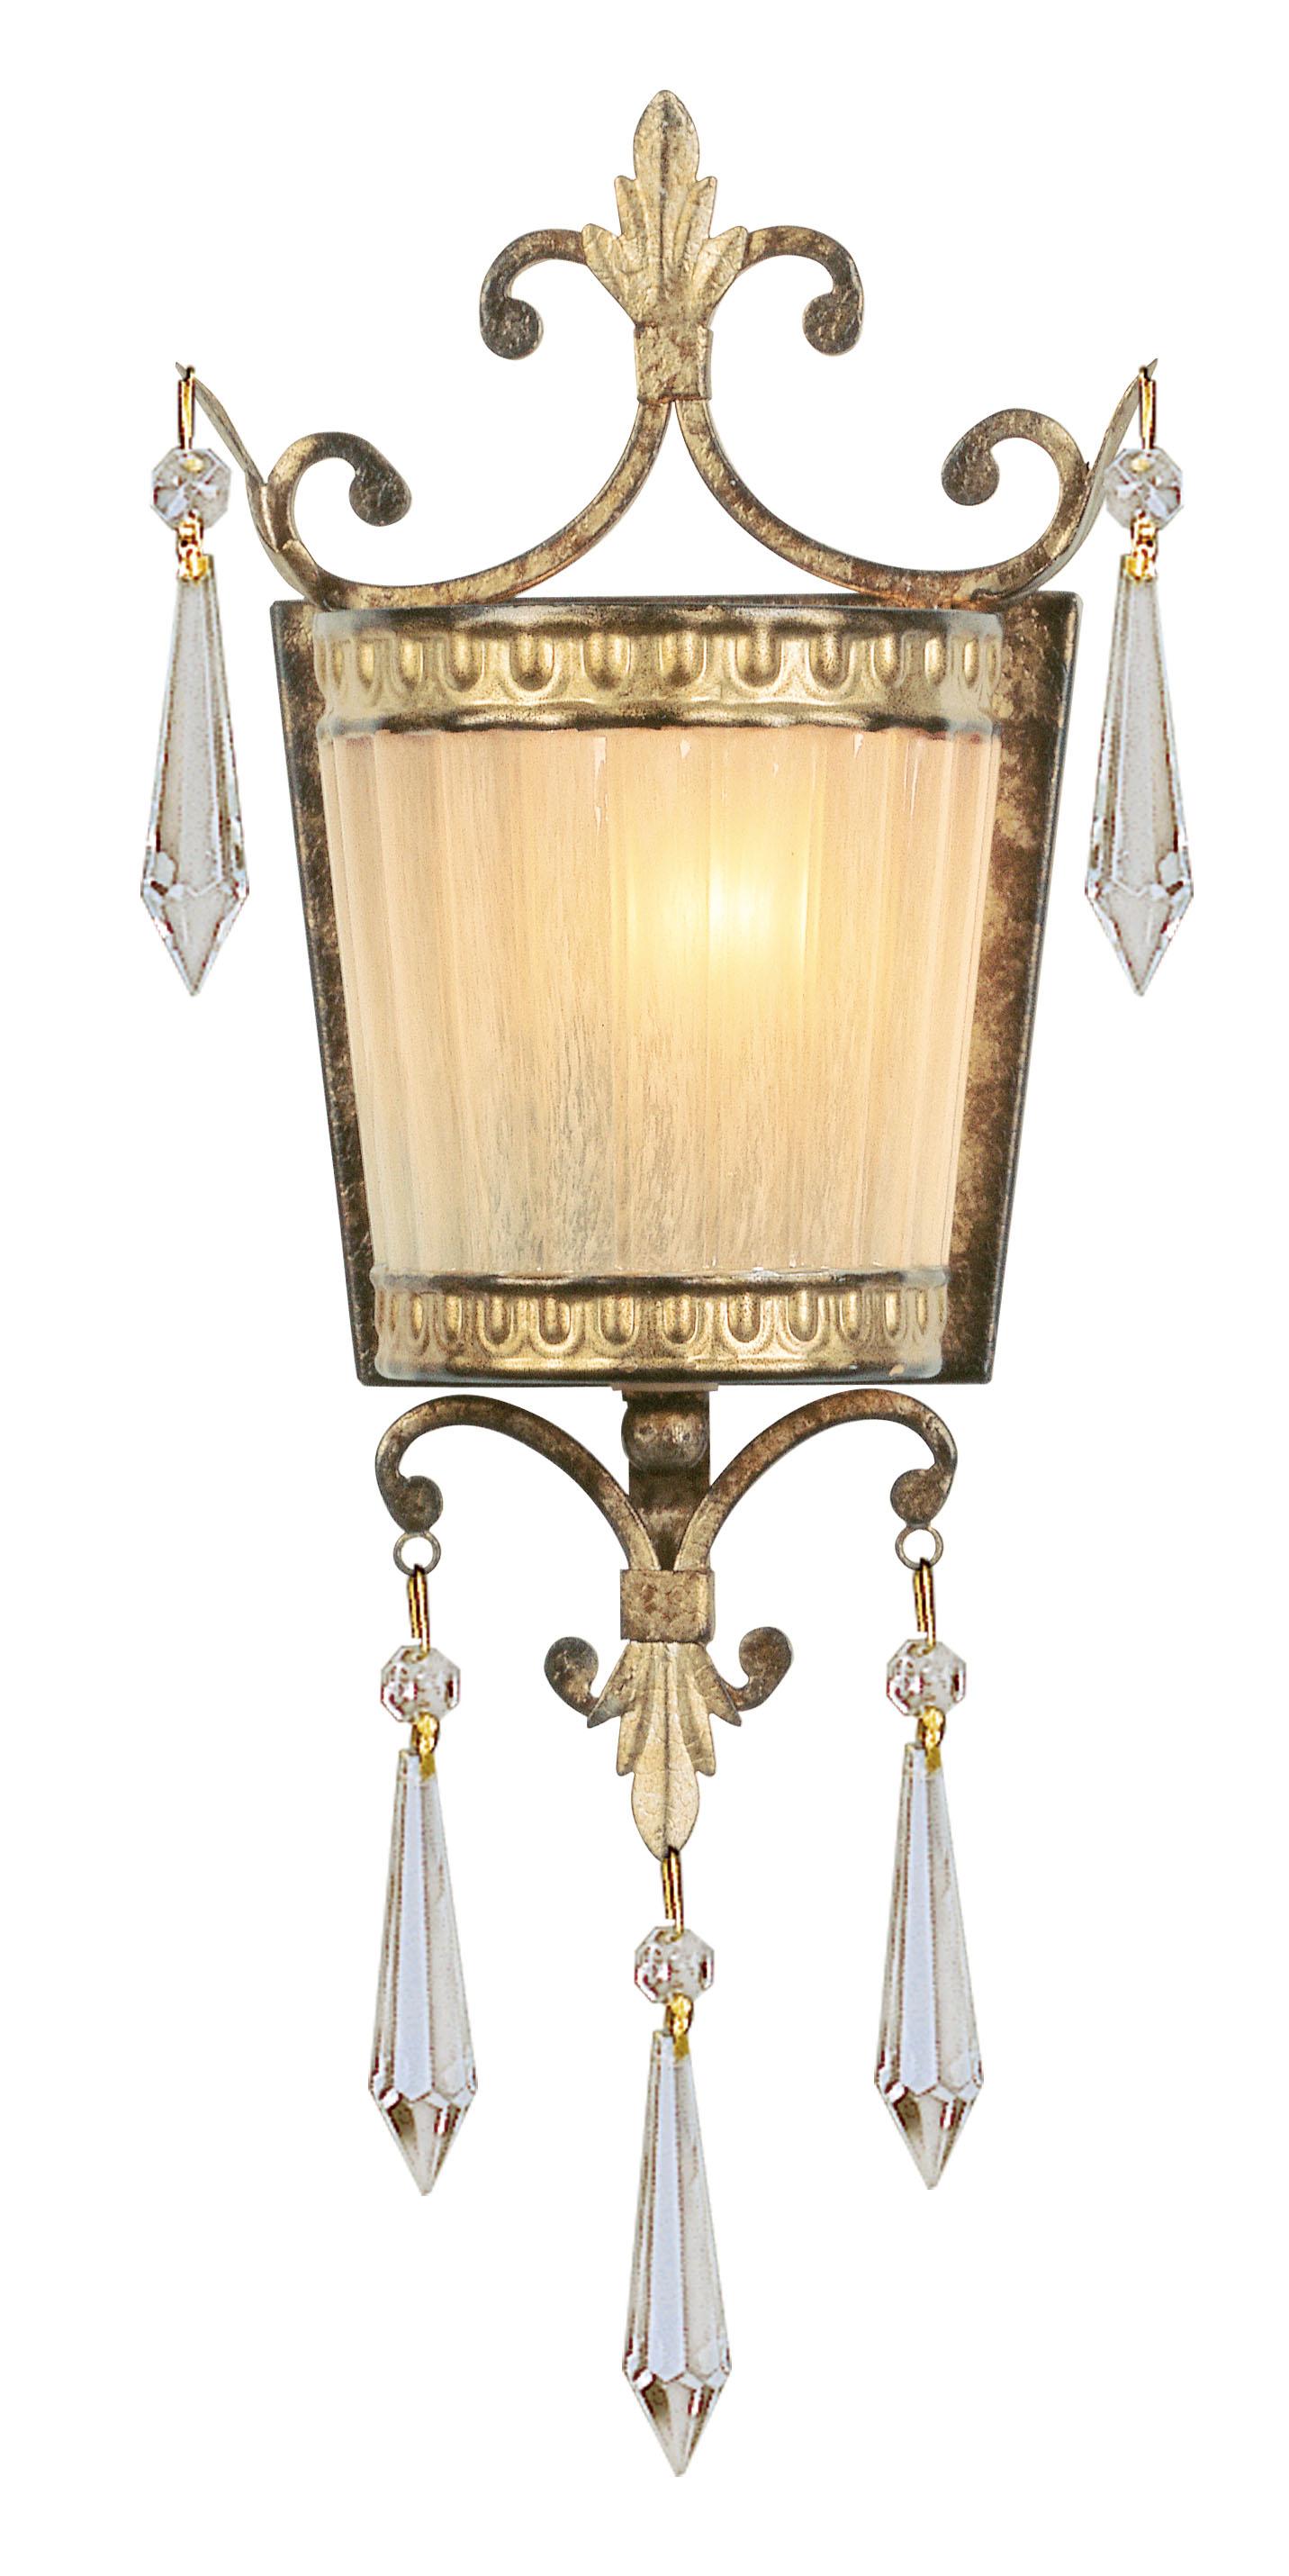 Vintage Gold Wall Lights : Livex Lighting La Bella Wall Sconce Hand Painted Vintage Gold Leaf 8880-65